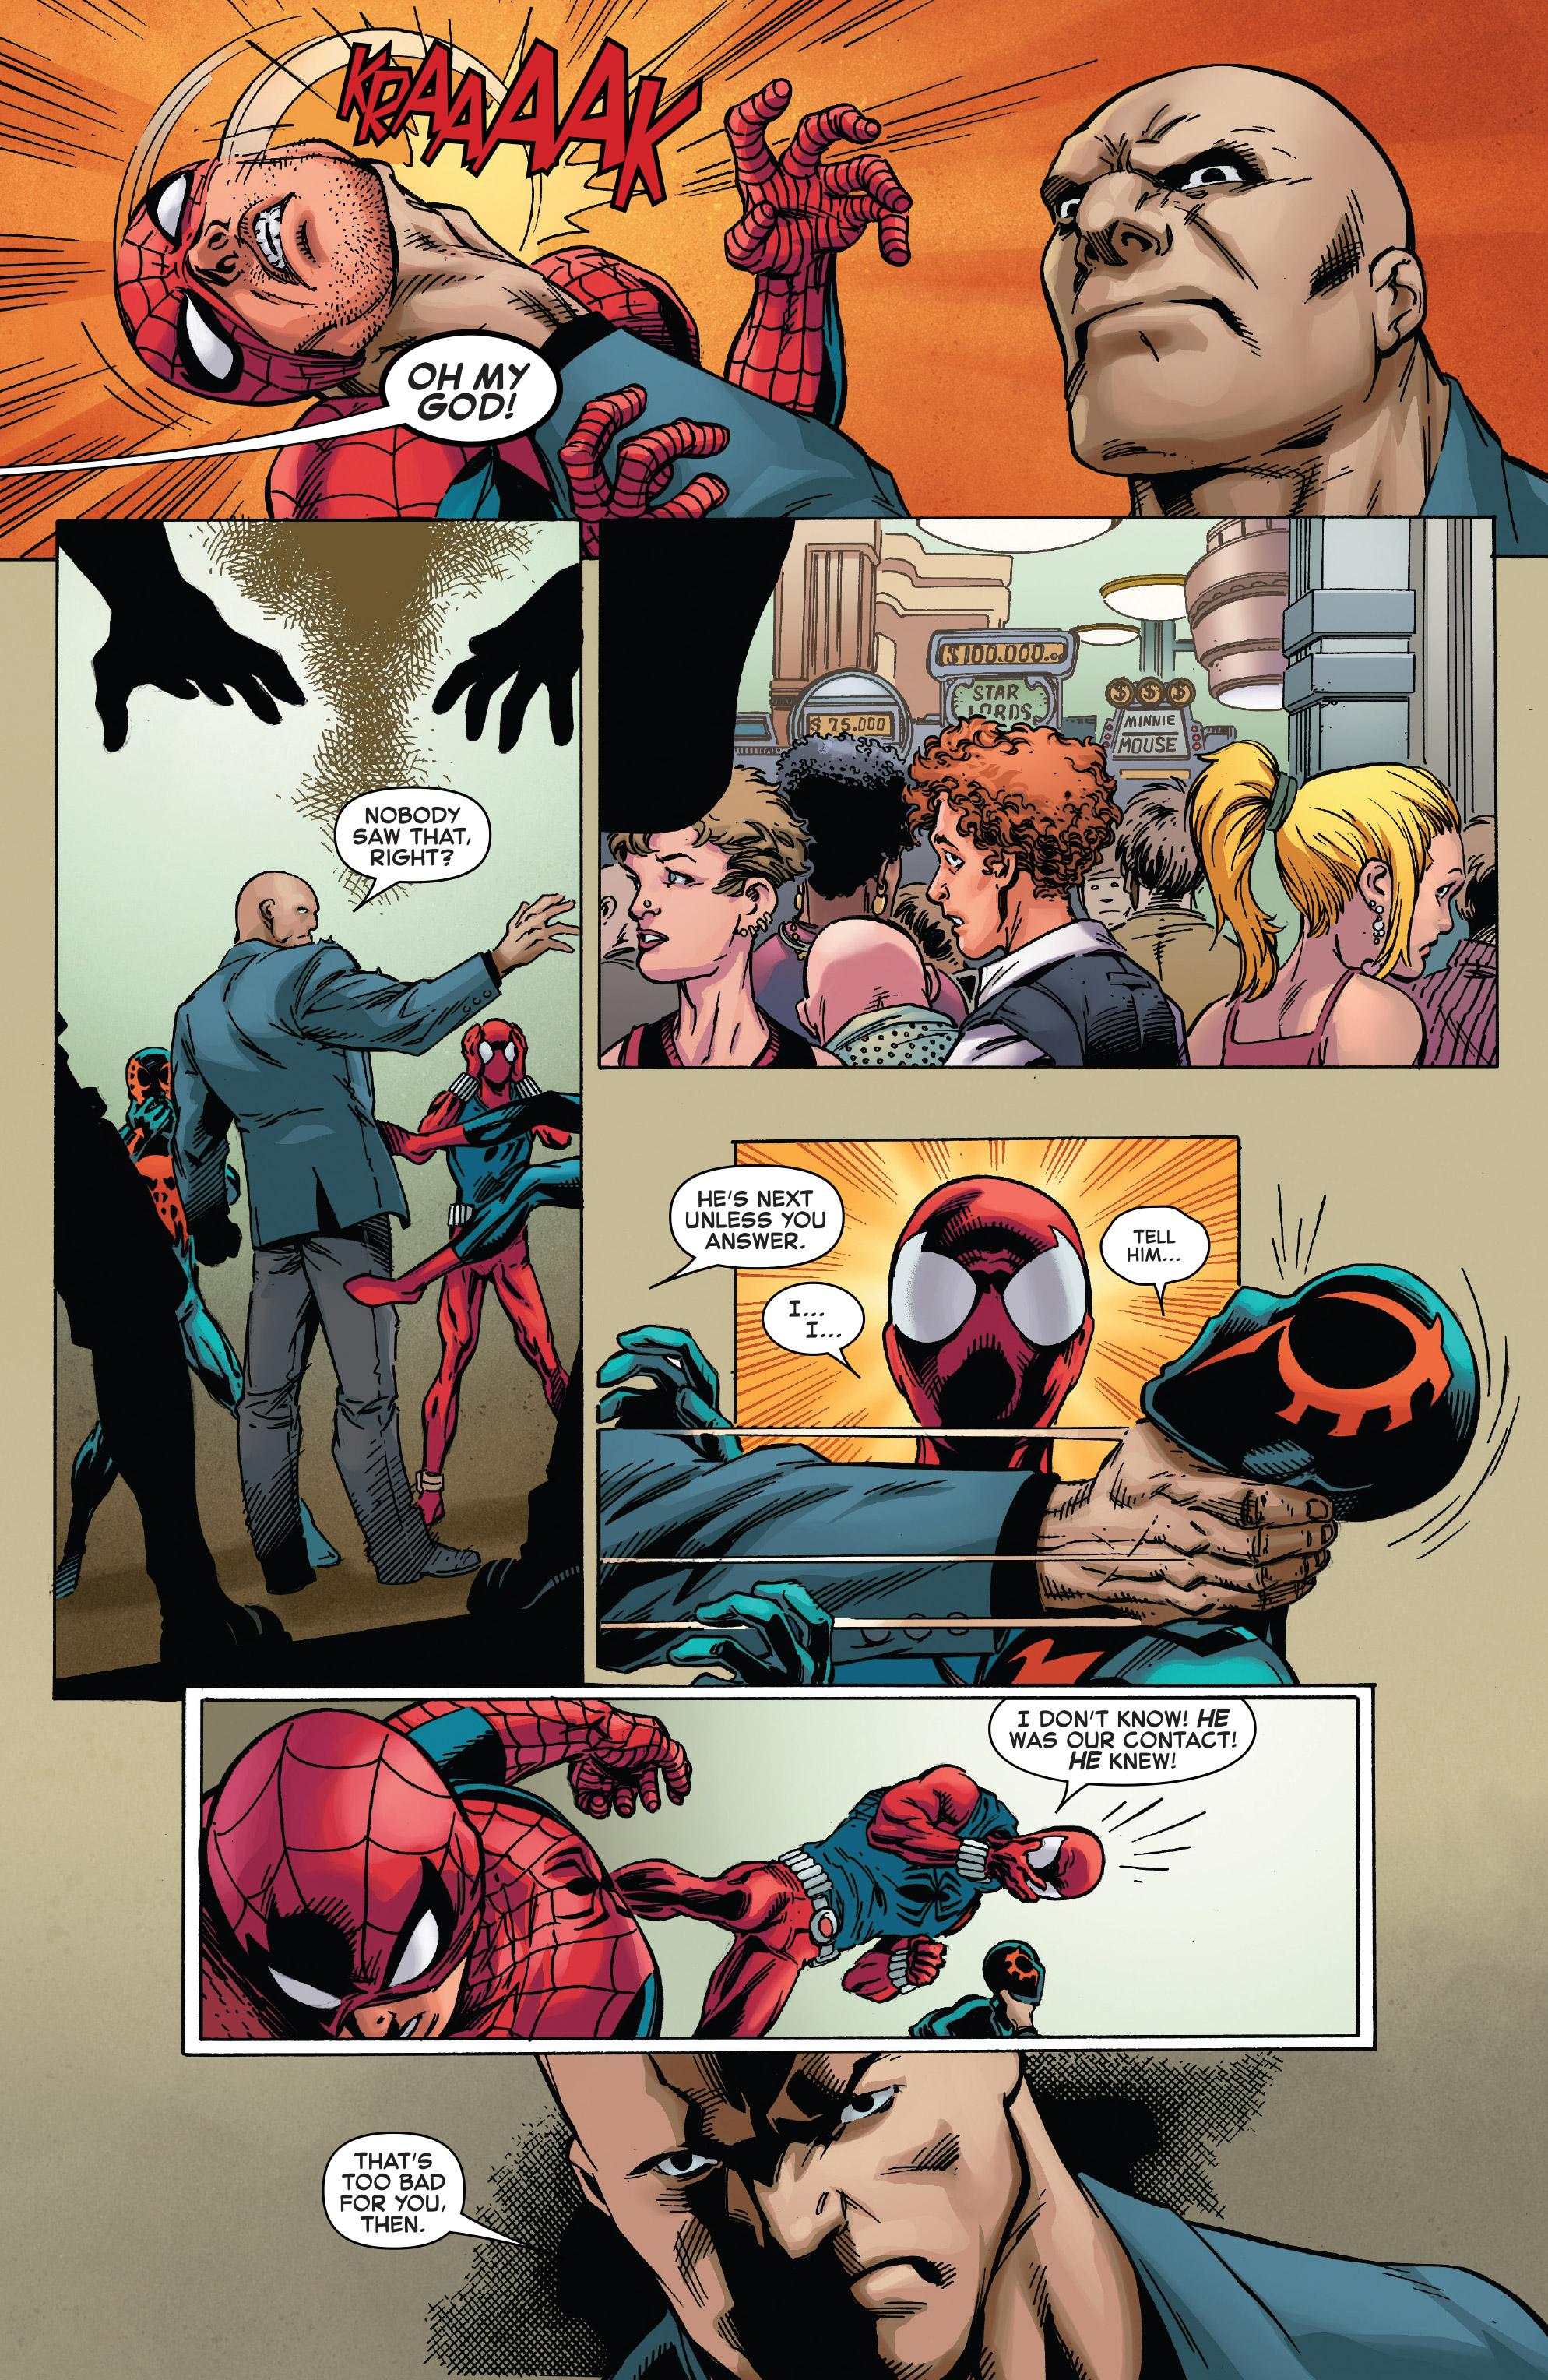 Read online Ben Reilly: Scarlet Spider comic -  Issue #3 - 16